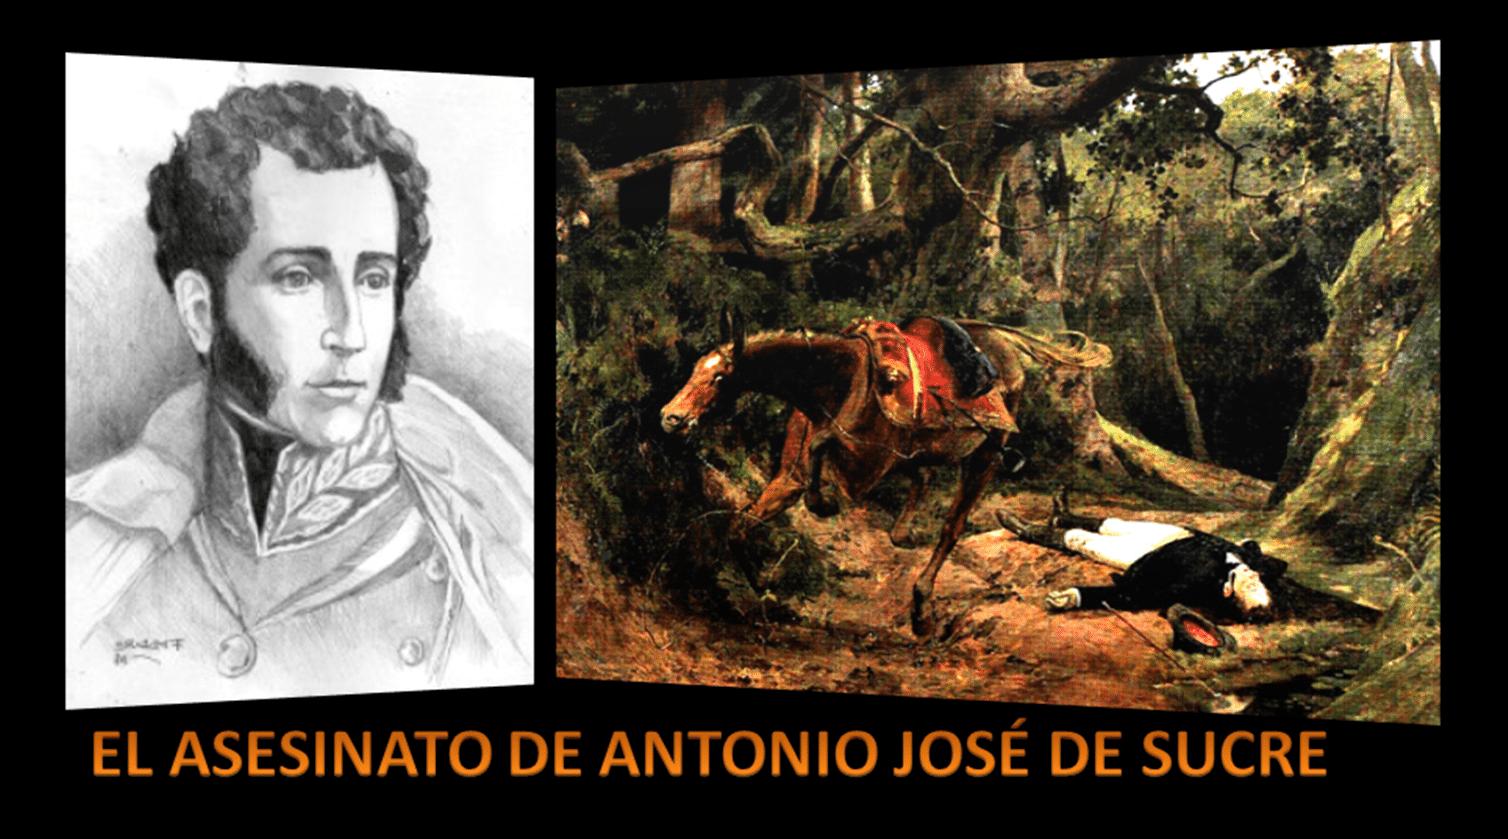 ASESINATO DE ANTONIO